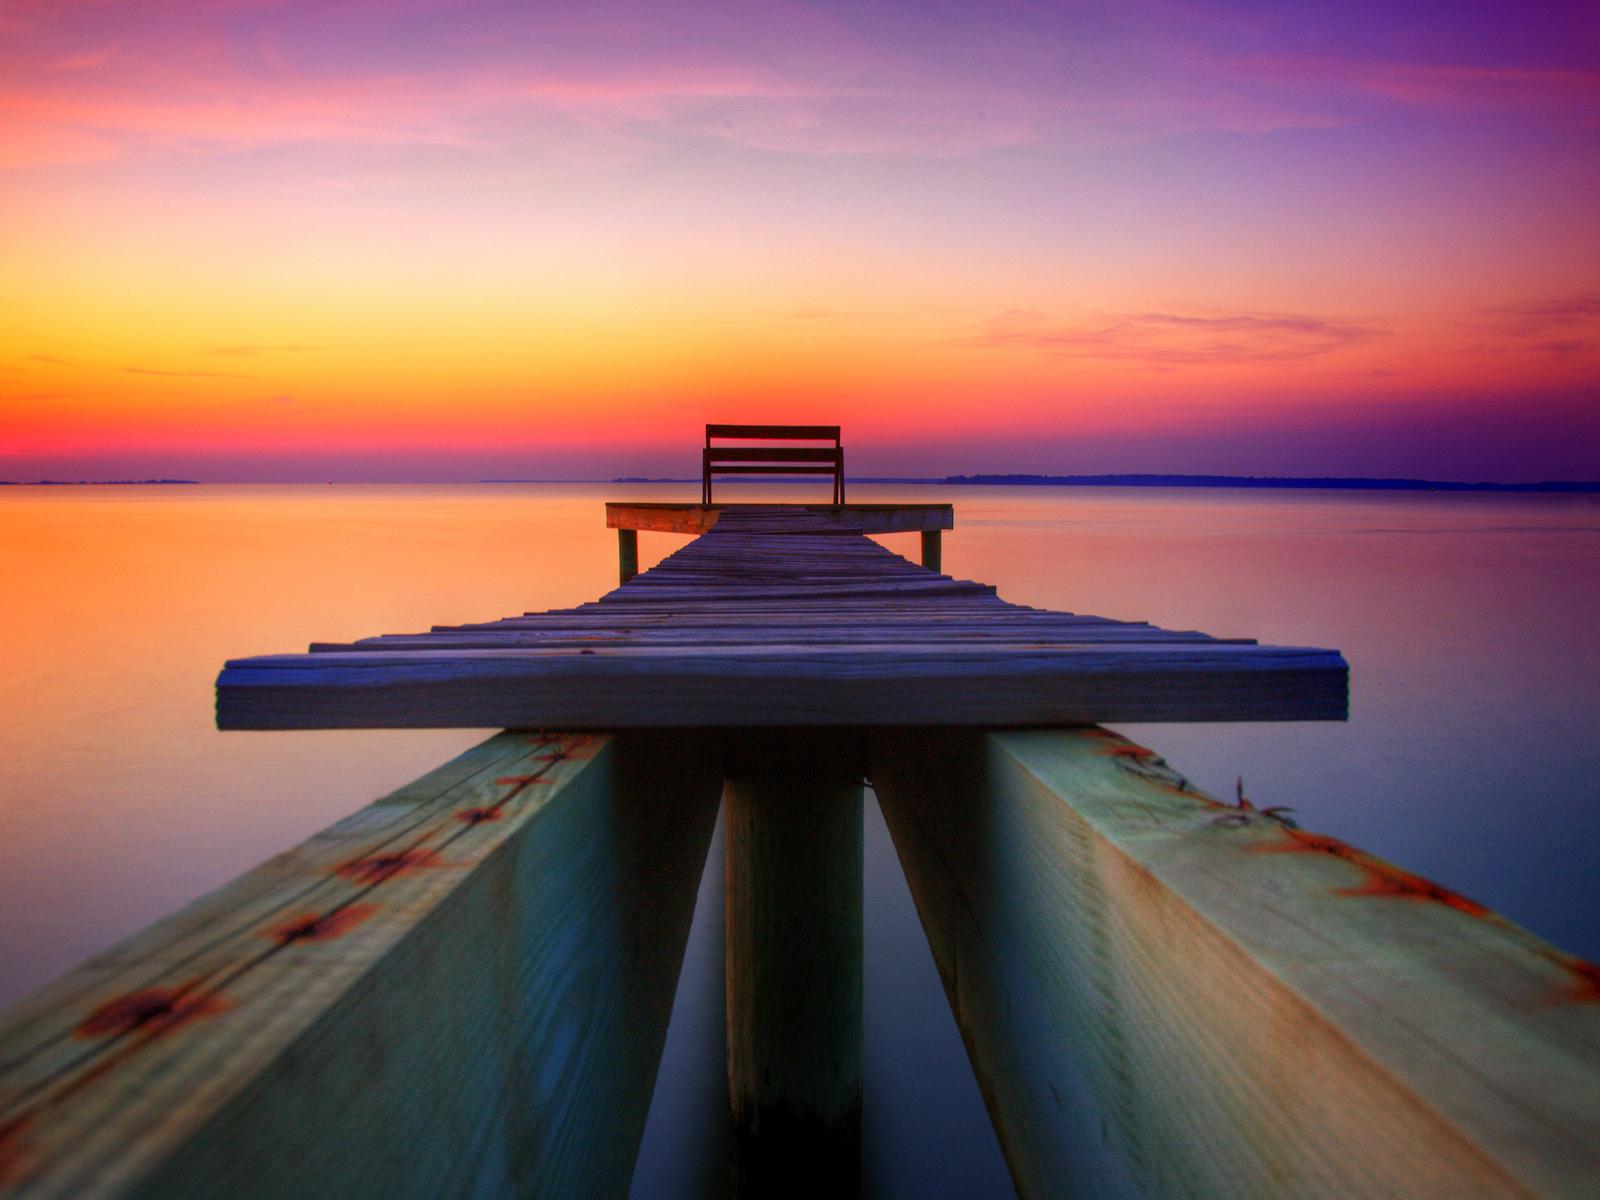 Dock Wallpaper